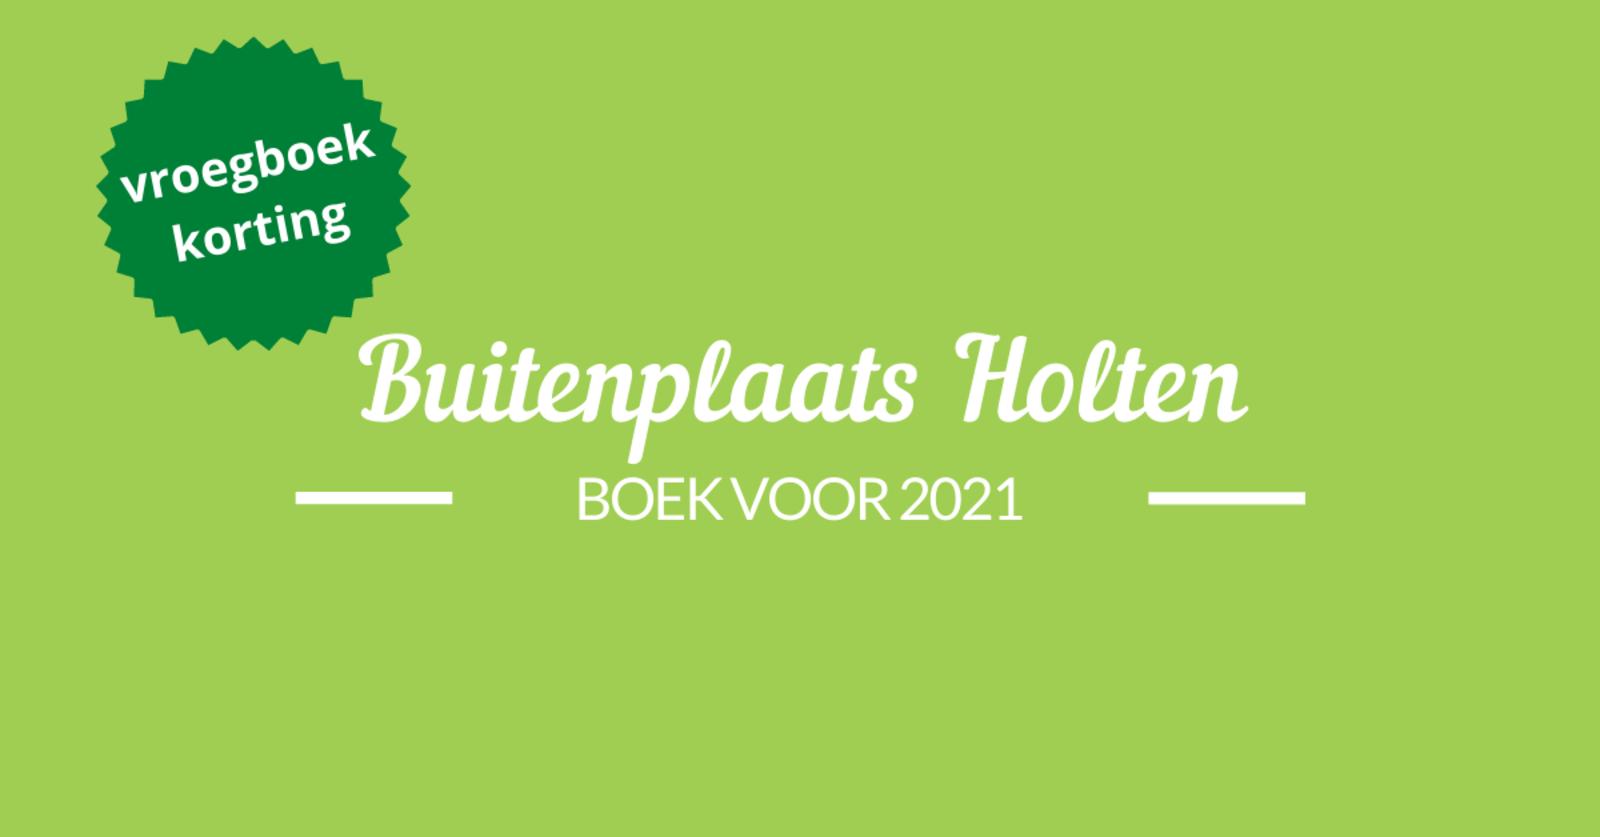 Vroegboekkorting in Holten 2021